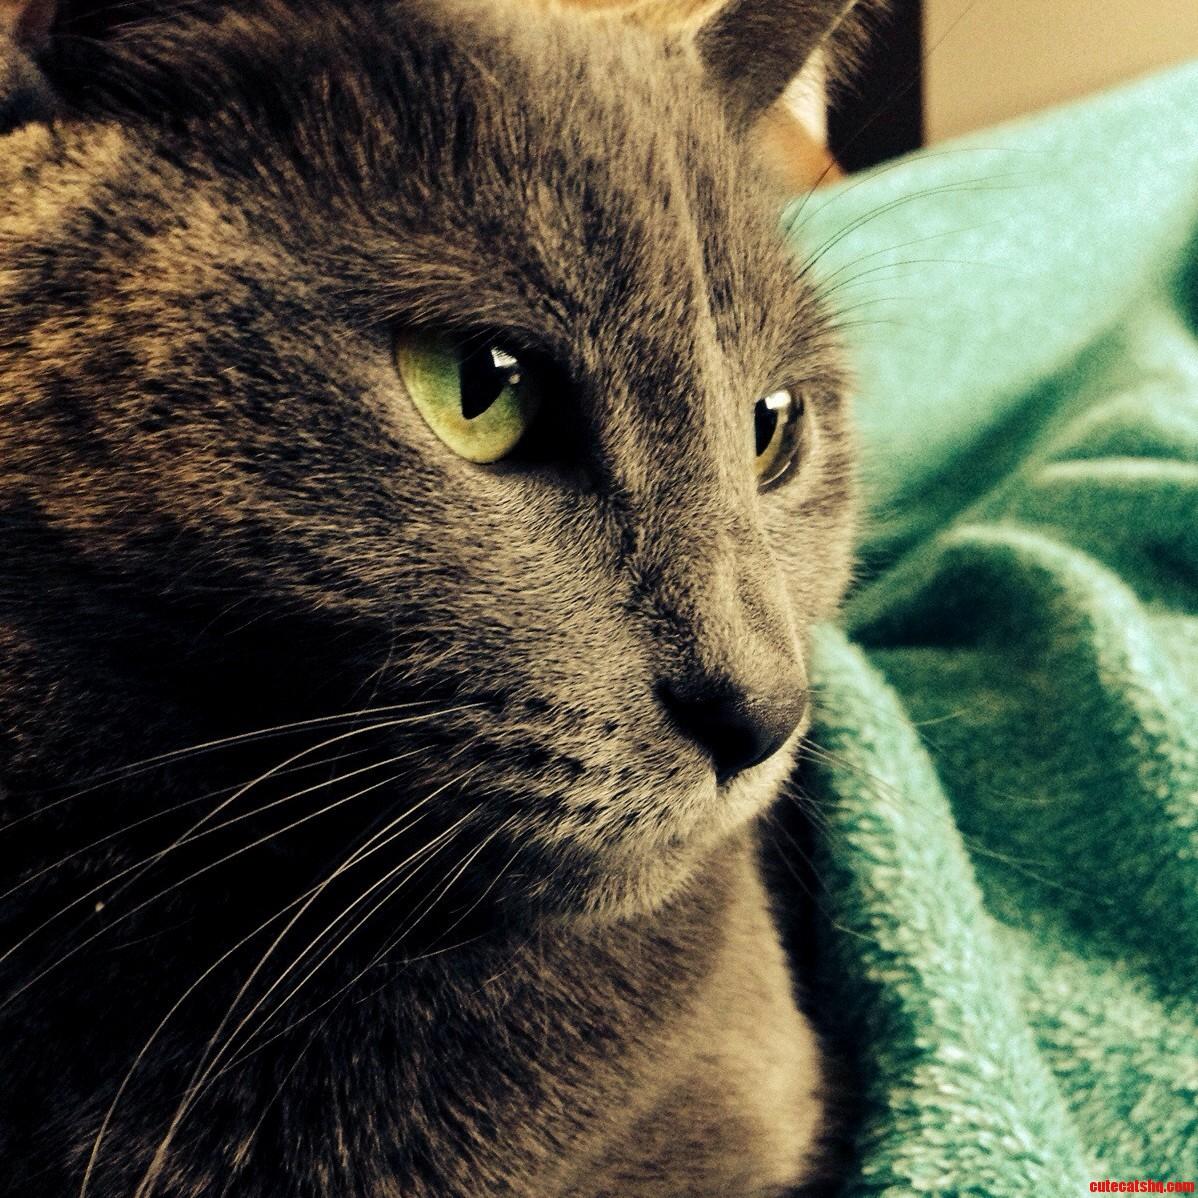 My lovely Cat.